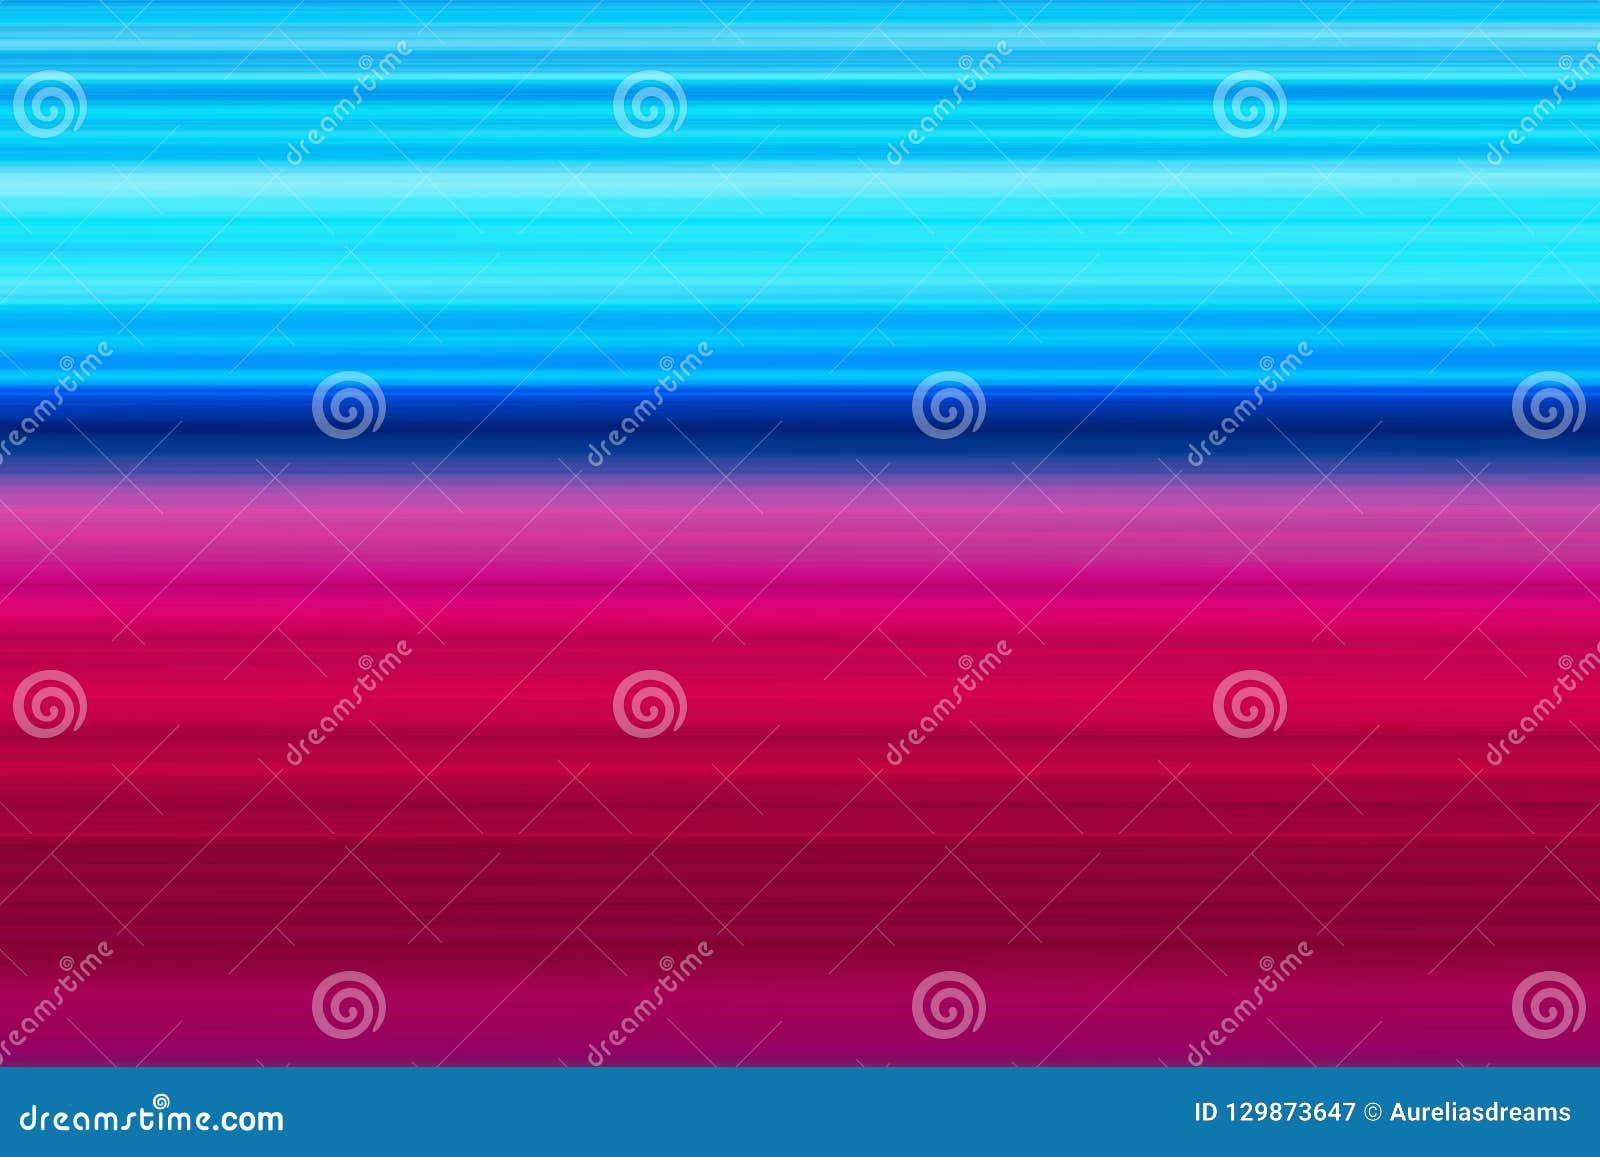 Lineas horizontales brillantes fondo, textura del extracto olorful del ¡de Ð en tonos del verano